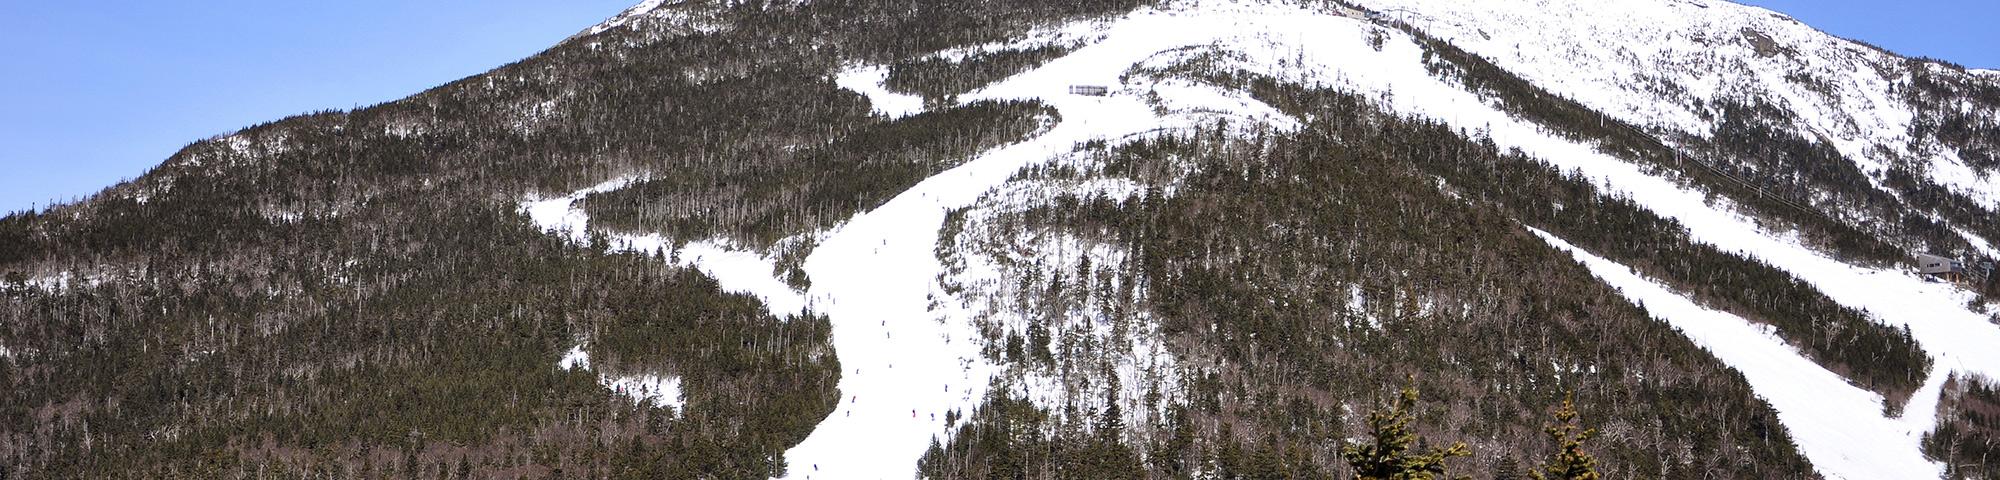 the 8 best new york ski resorts - updated 2018/19 - snowpak